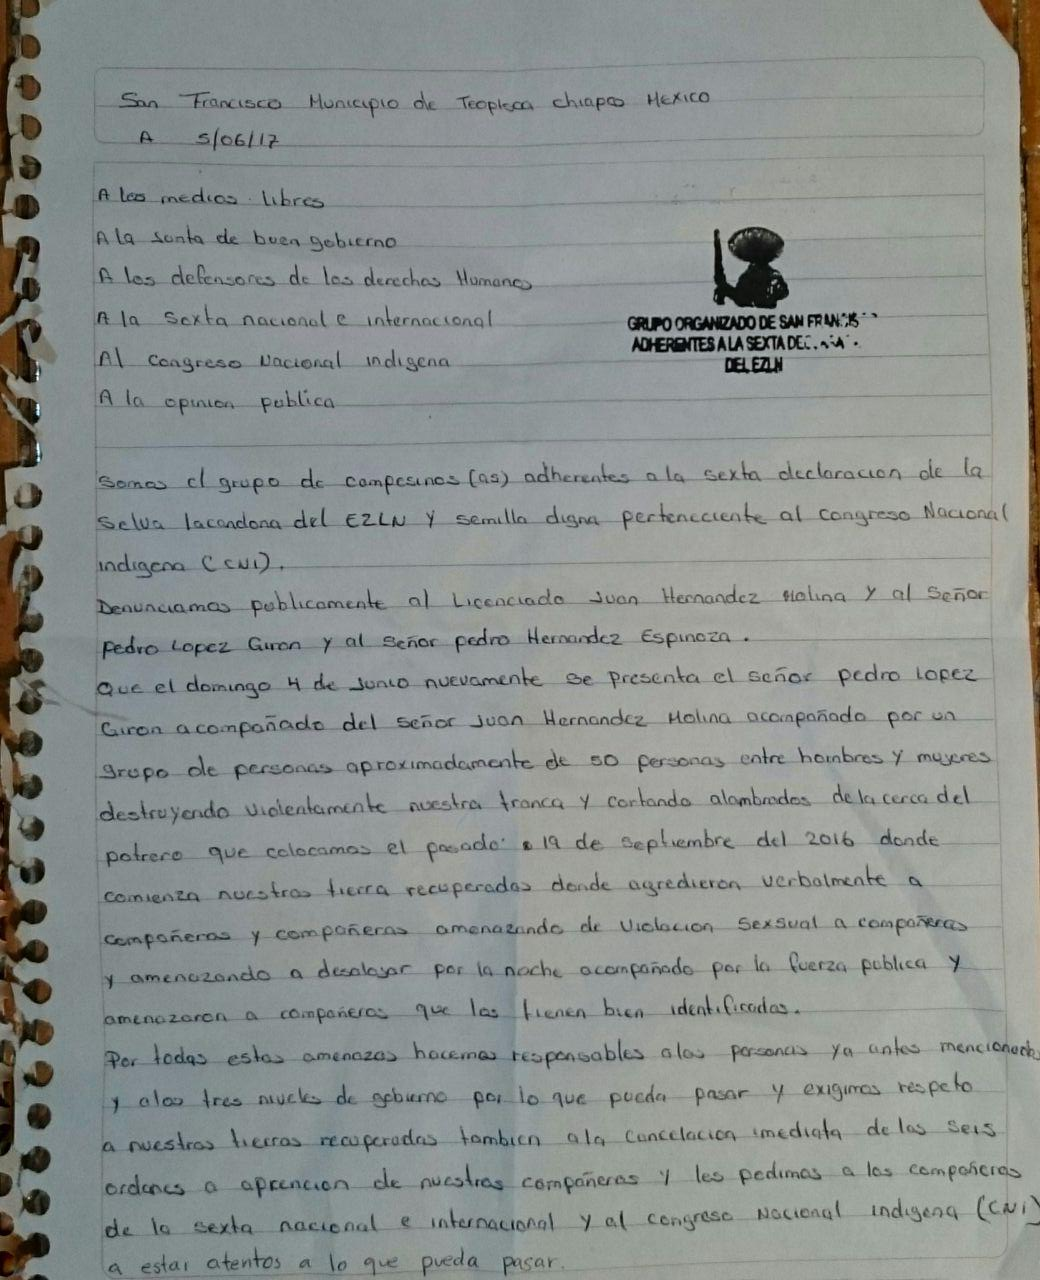 Inicia la represión contra pueblos de Chiapas que son parte del CNI